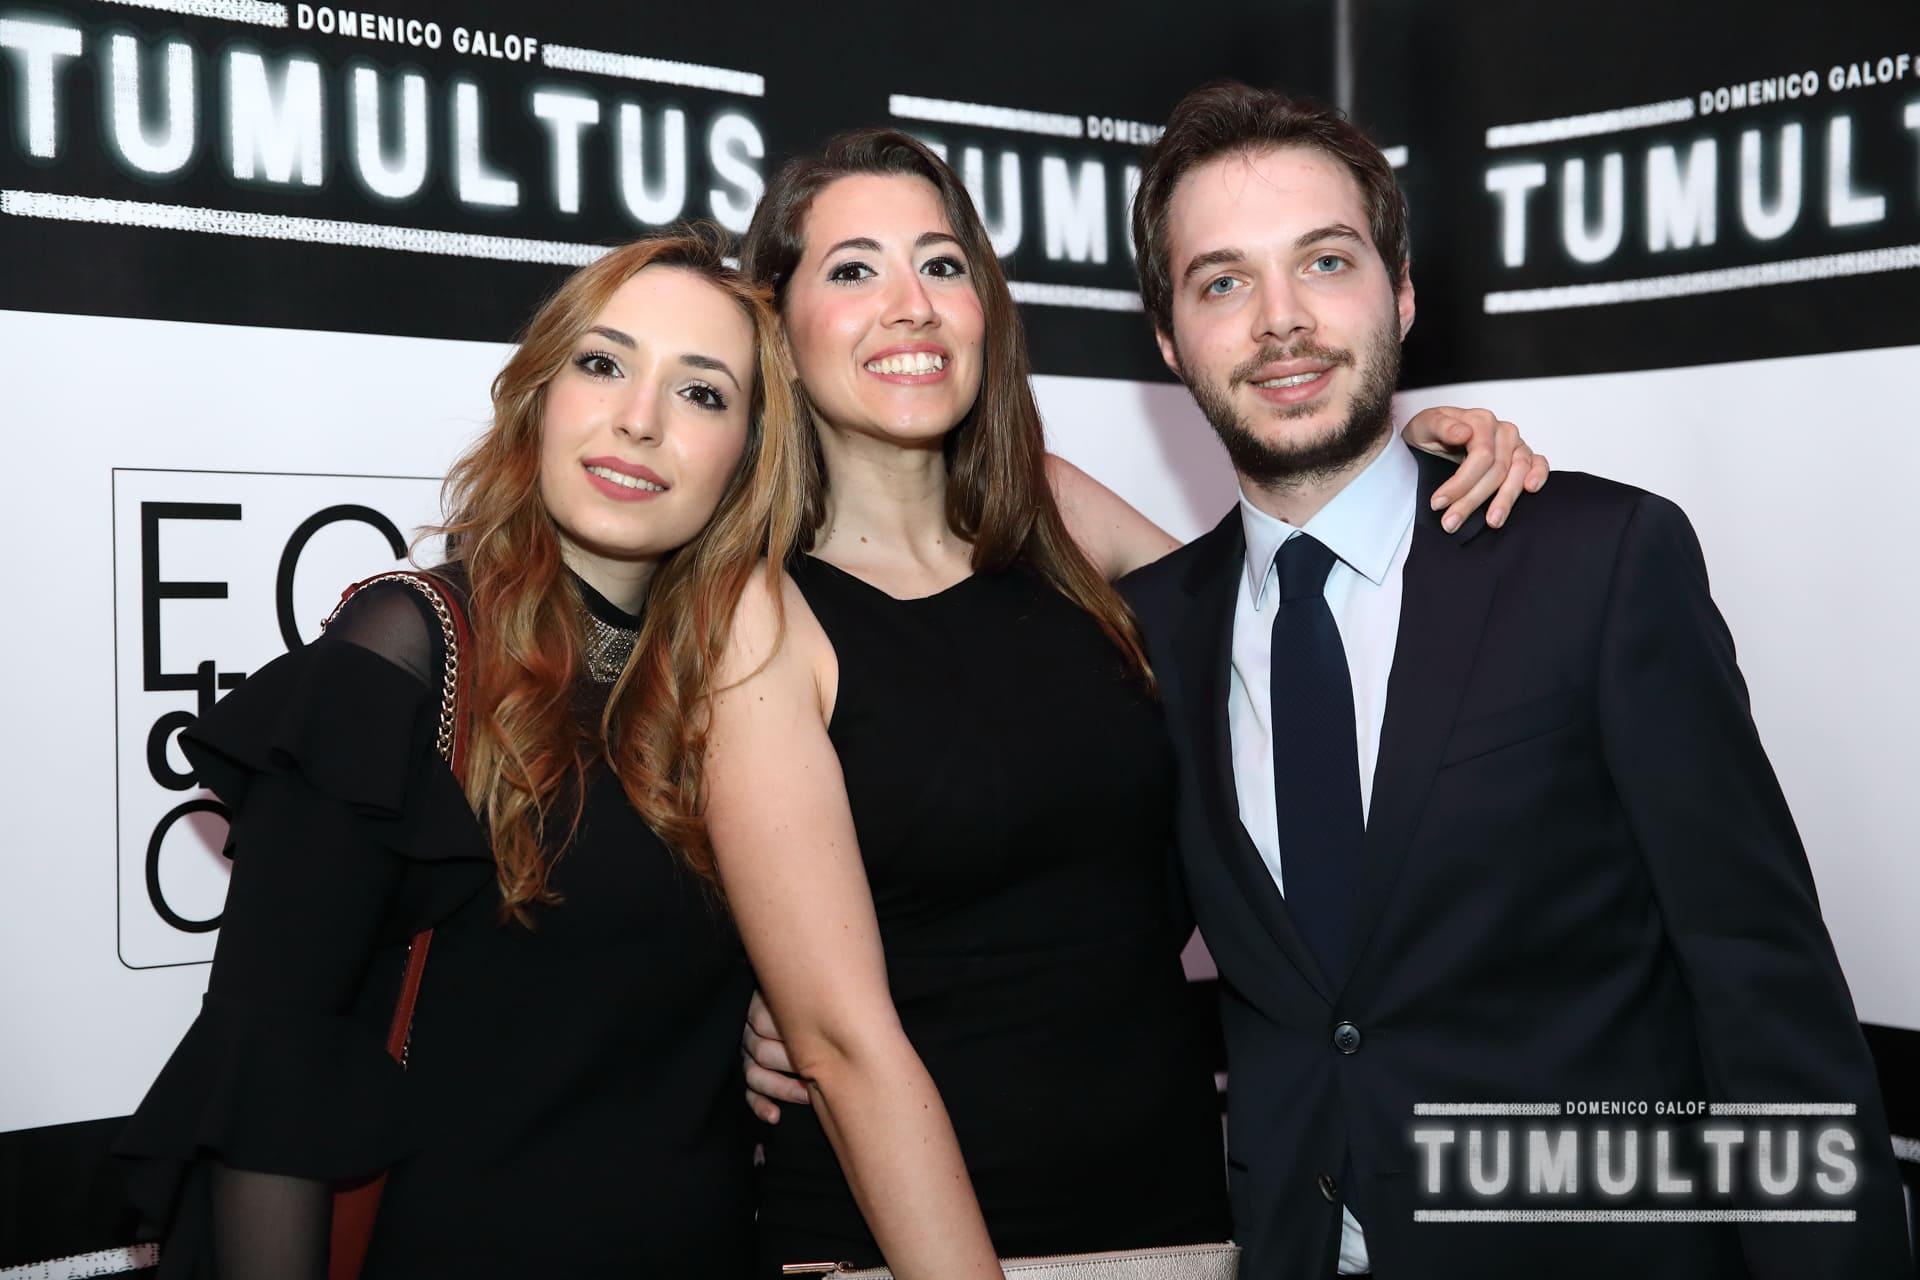 L'Origine di Tumultus (142)